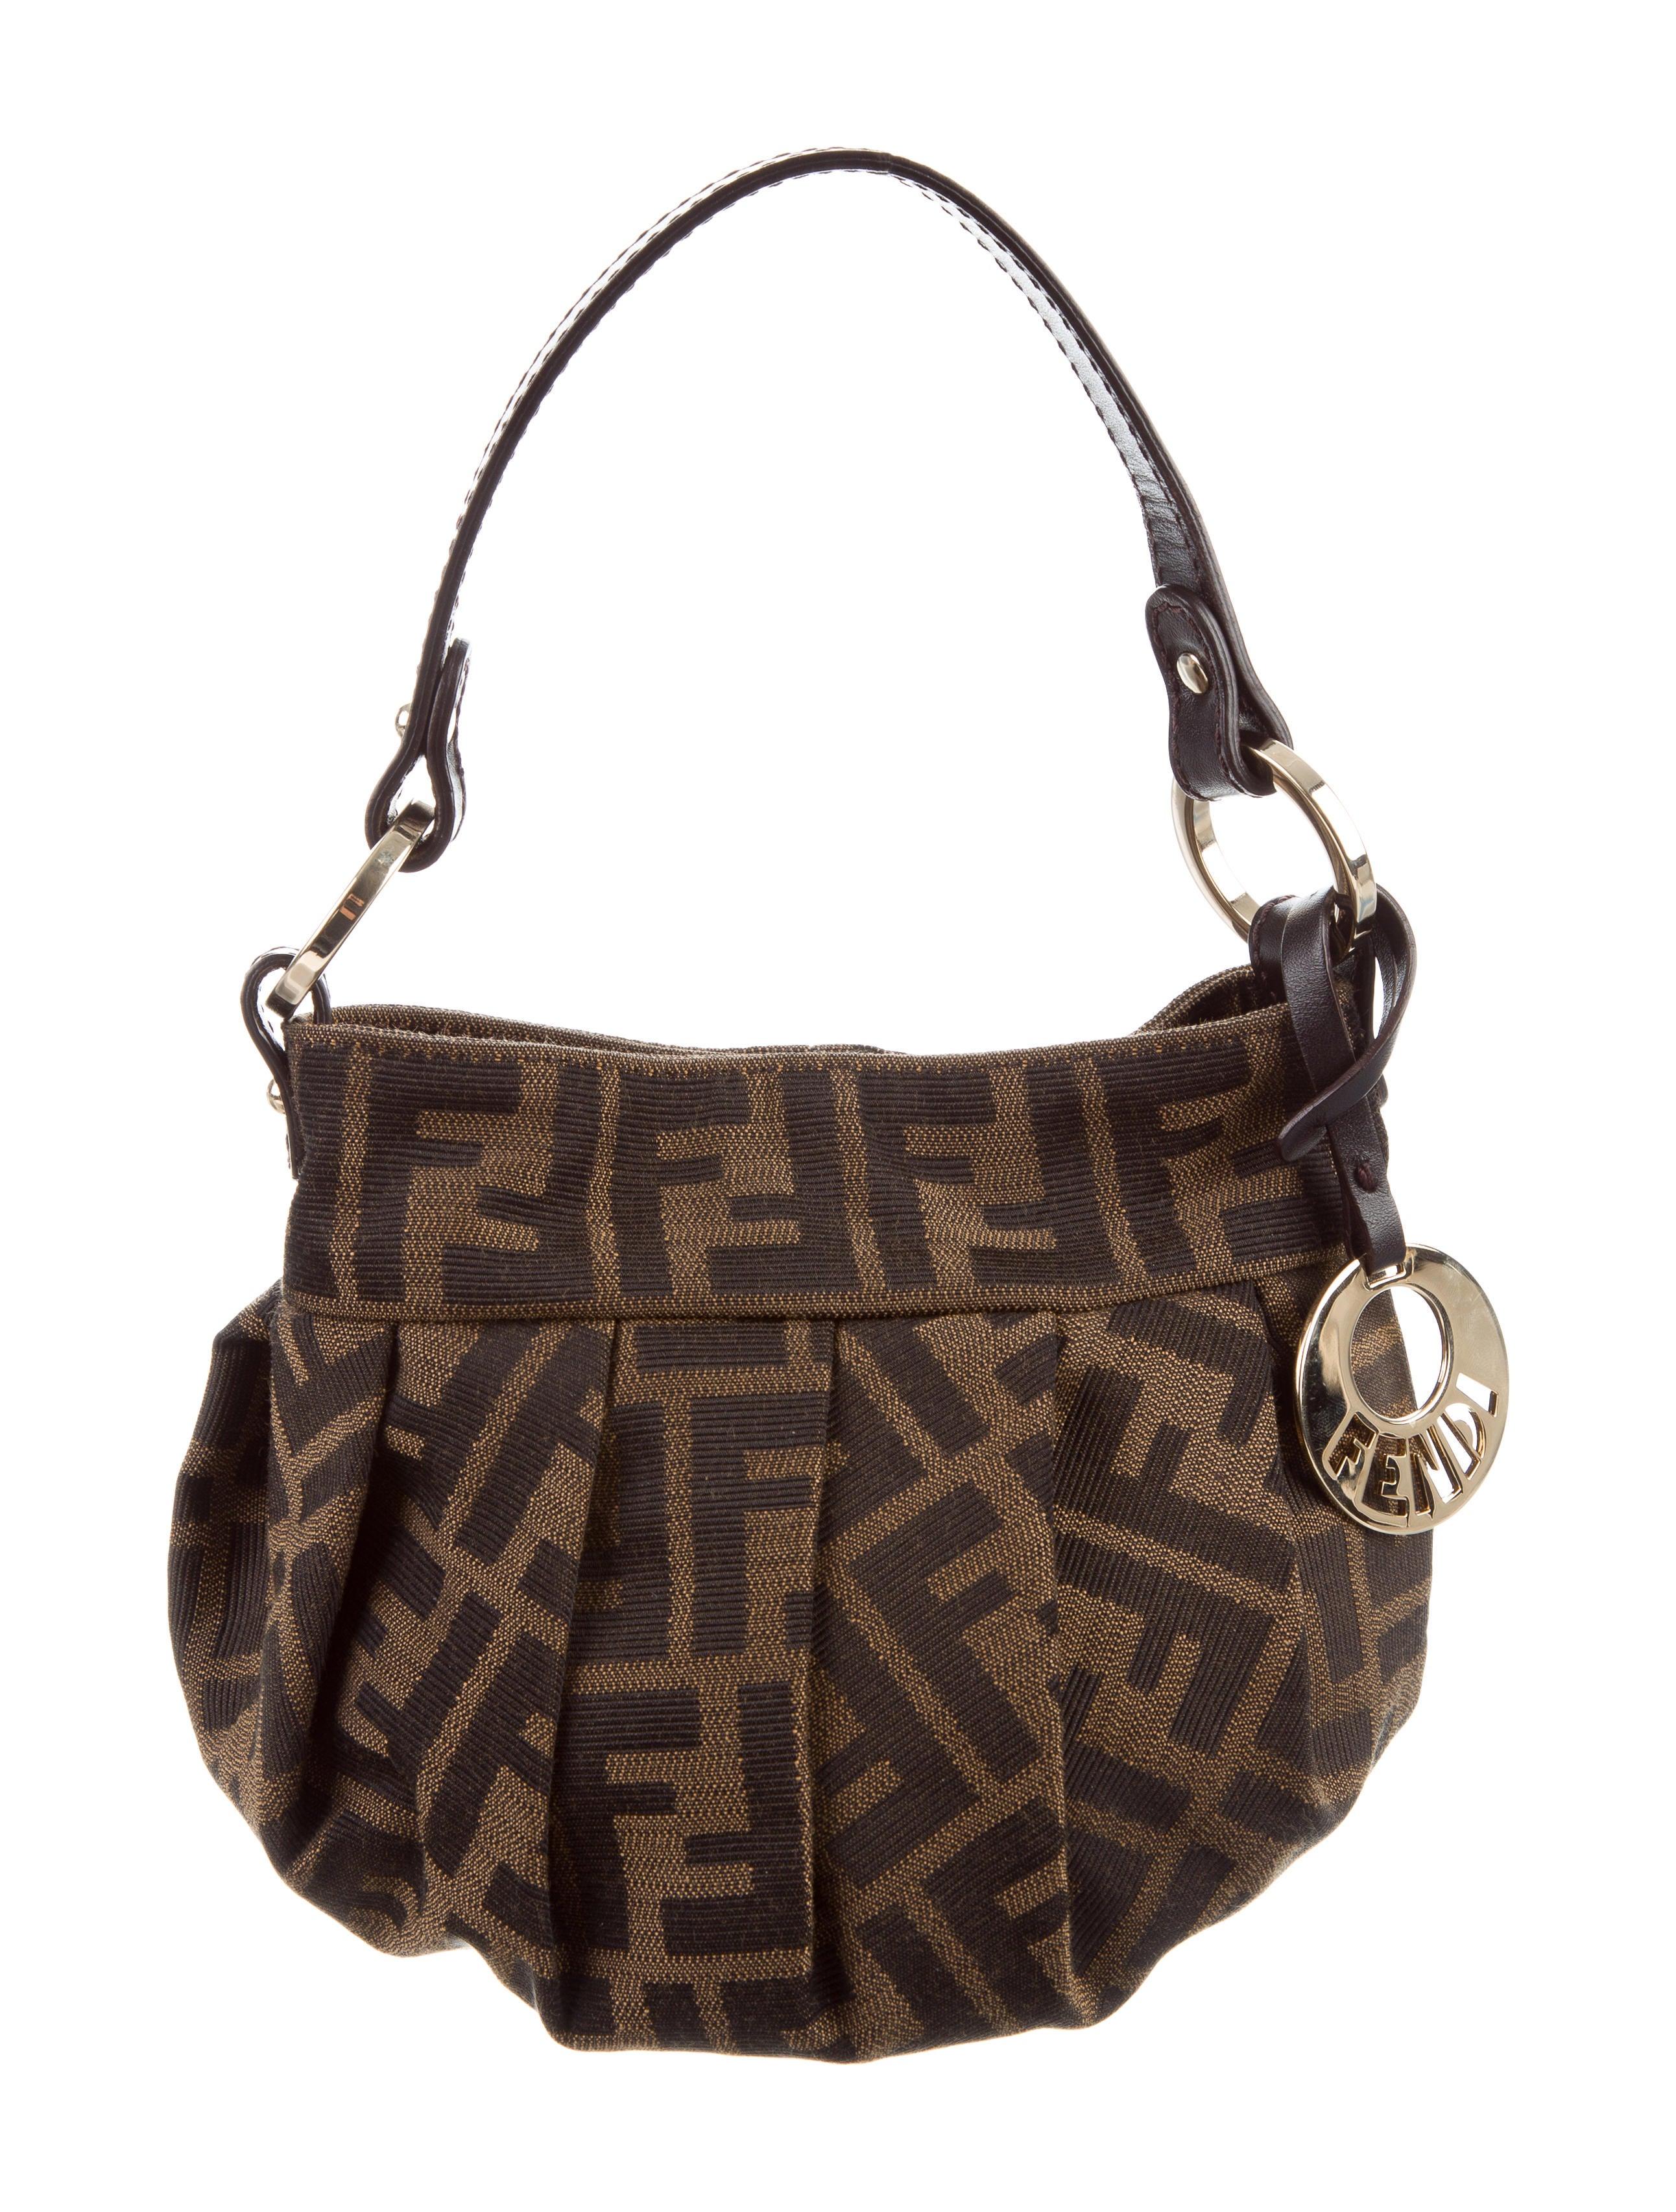 d59fa10757b4 Fendi Zucca Mini Chef Bag - Handbags - FEN67568